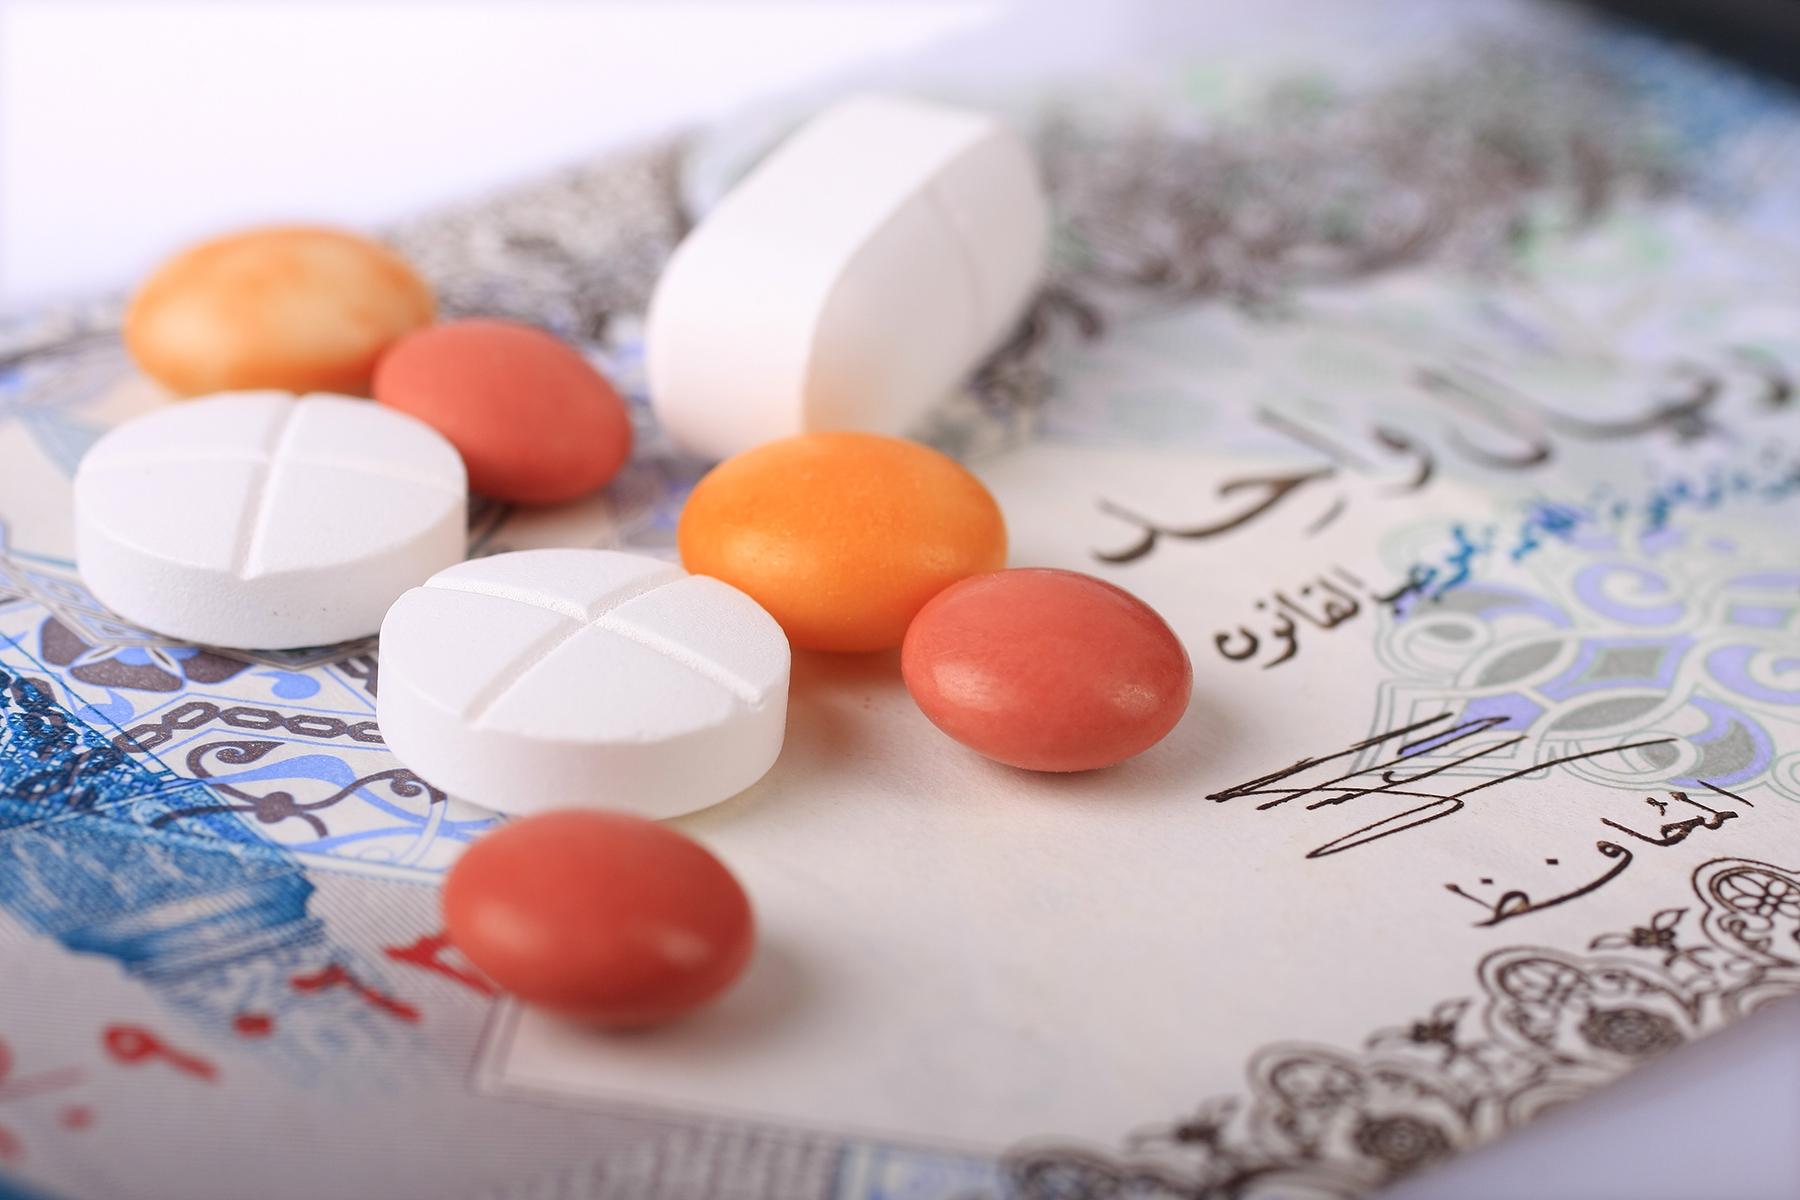 Medications in Saudi Arabia